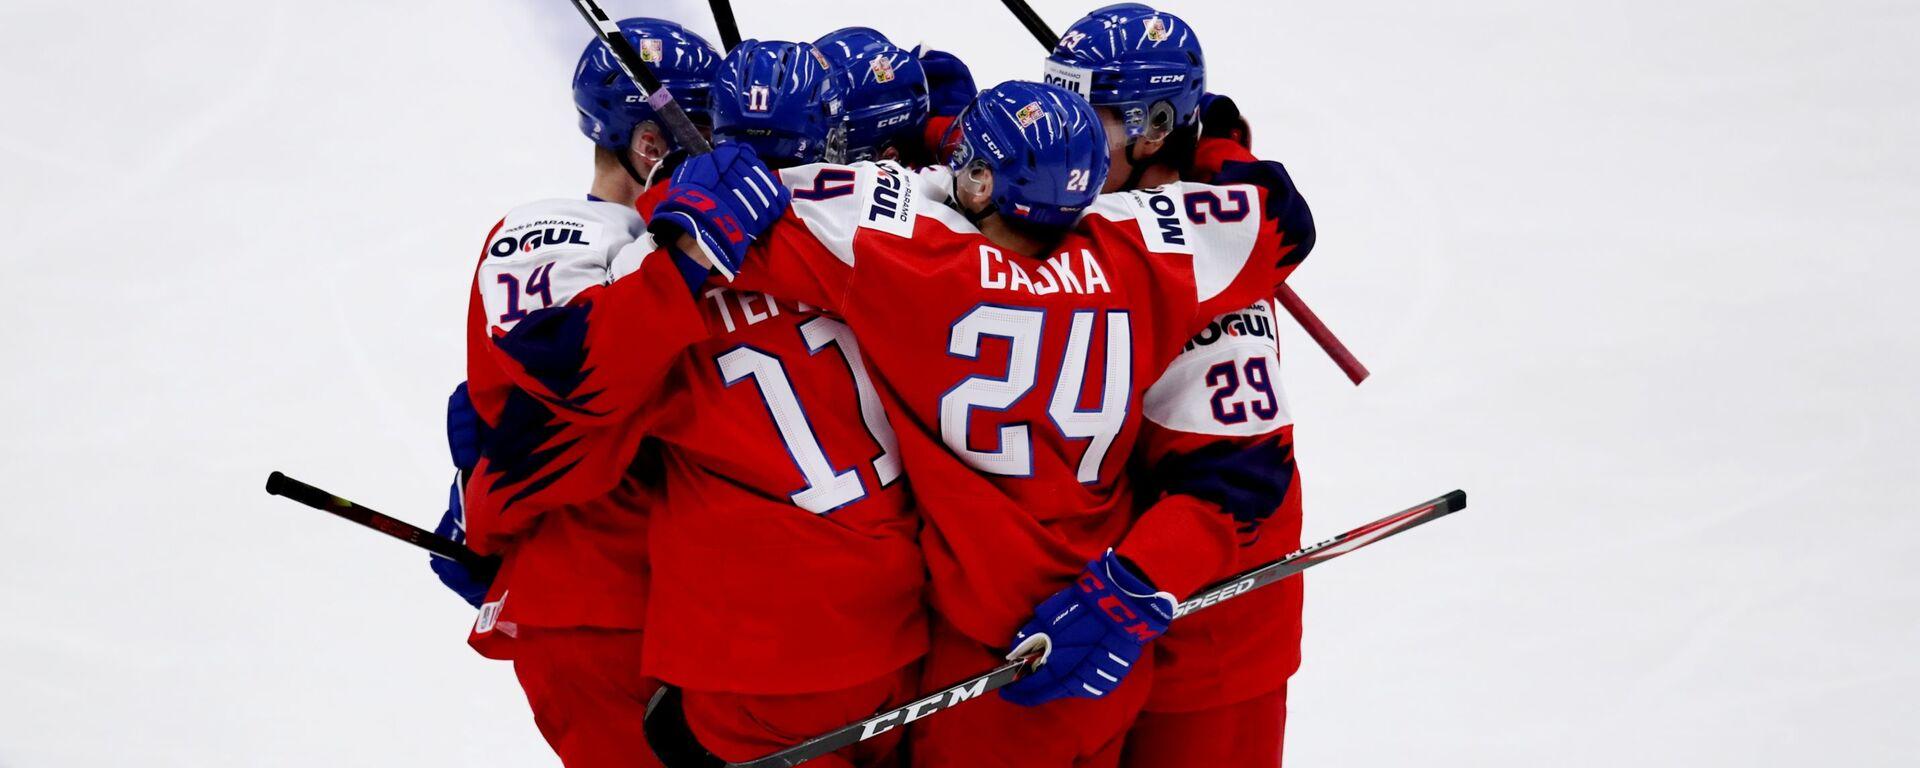 Čeští hokejisté po vstřelené brance do sítě hokejistů Ruska v prvním zápase MS hokejistů do 20 let v Ostravě - Sputnik Česká republika, 1920, 24.05.2021